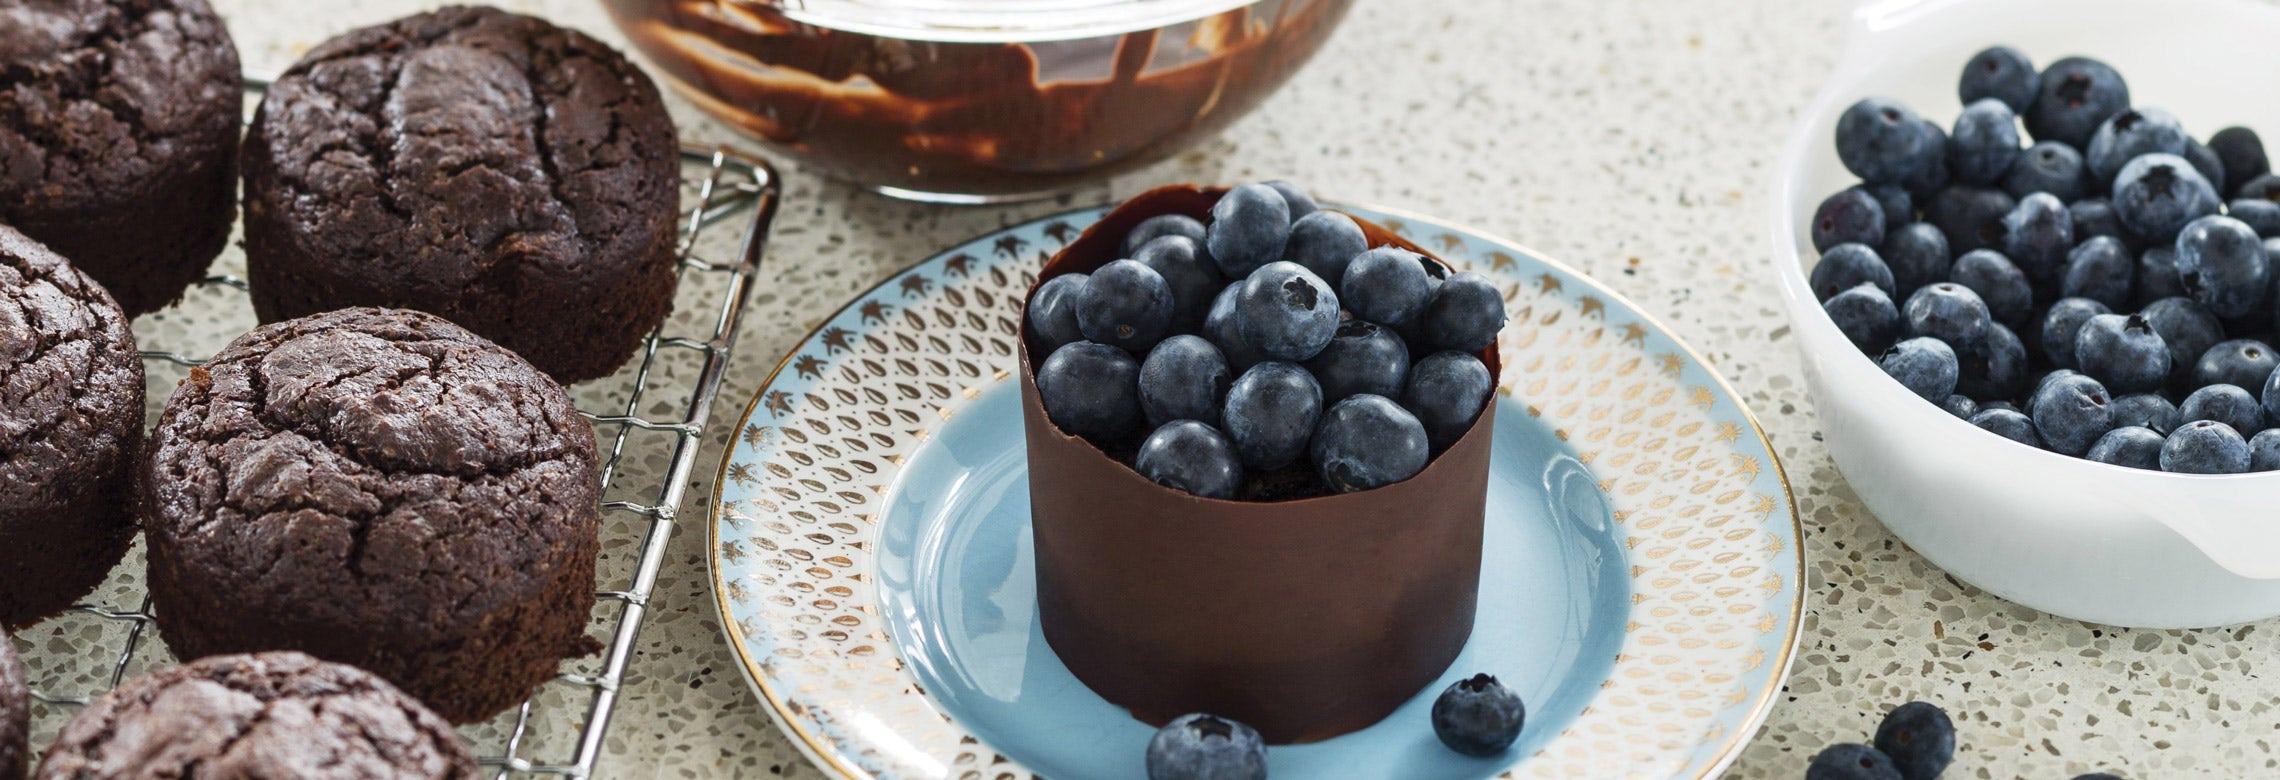 Haigh's Chocolate Blueberry Cakes